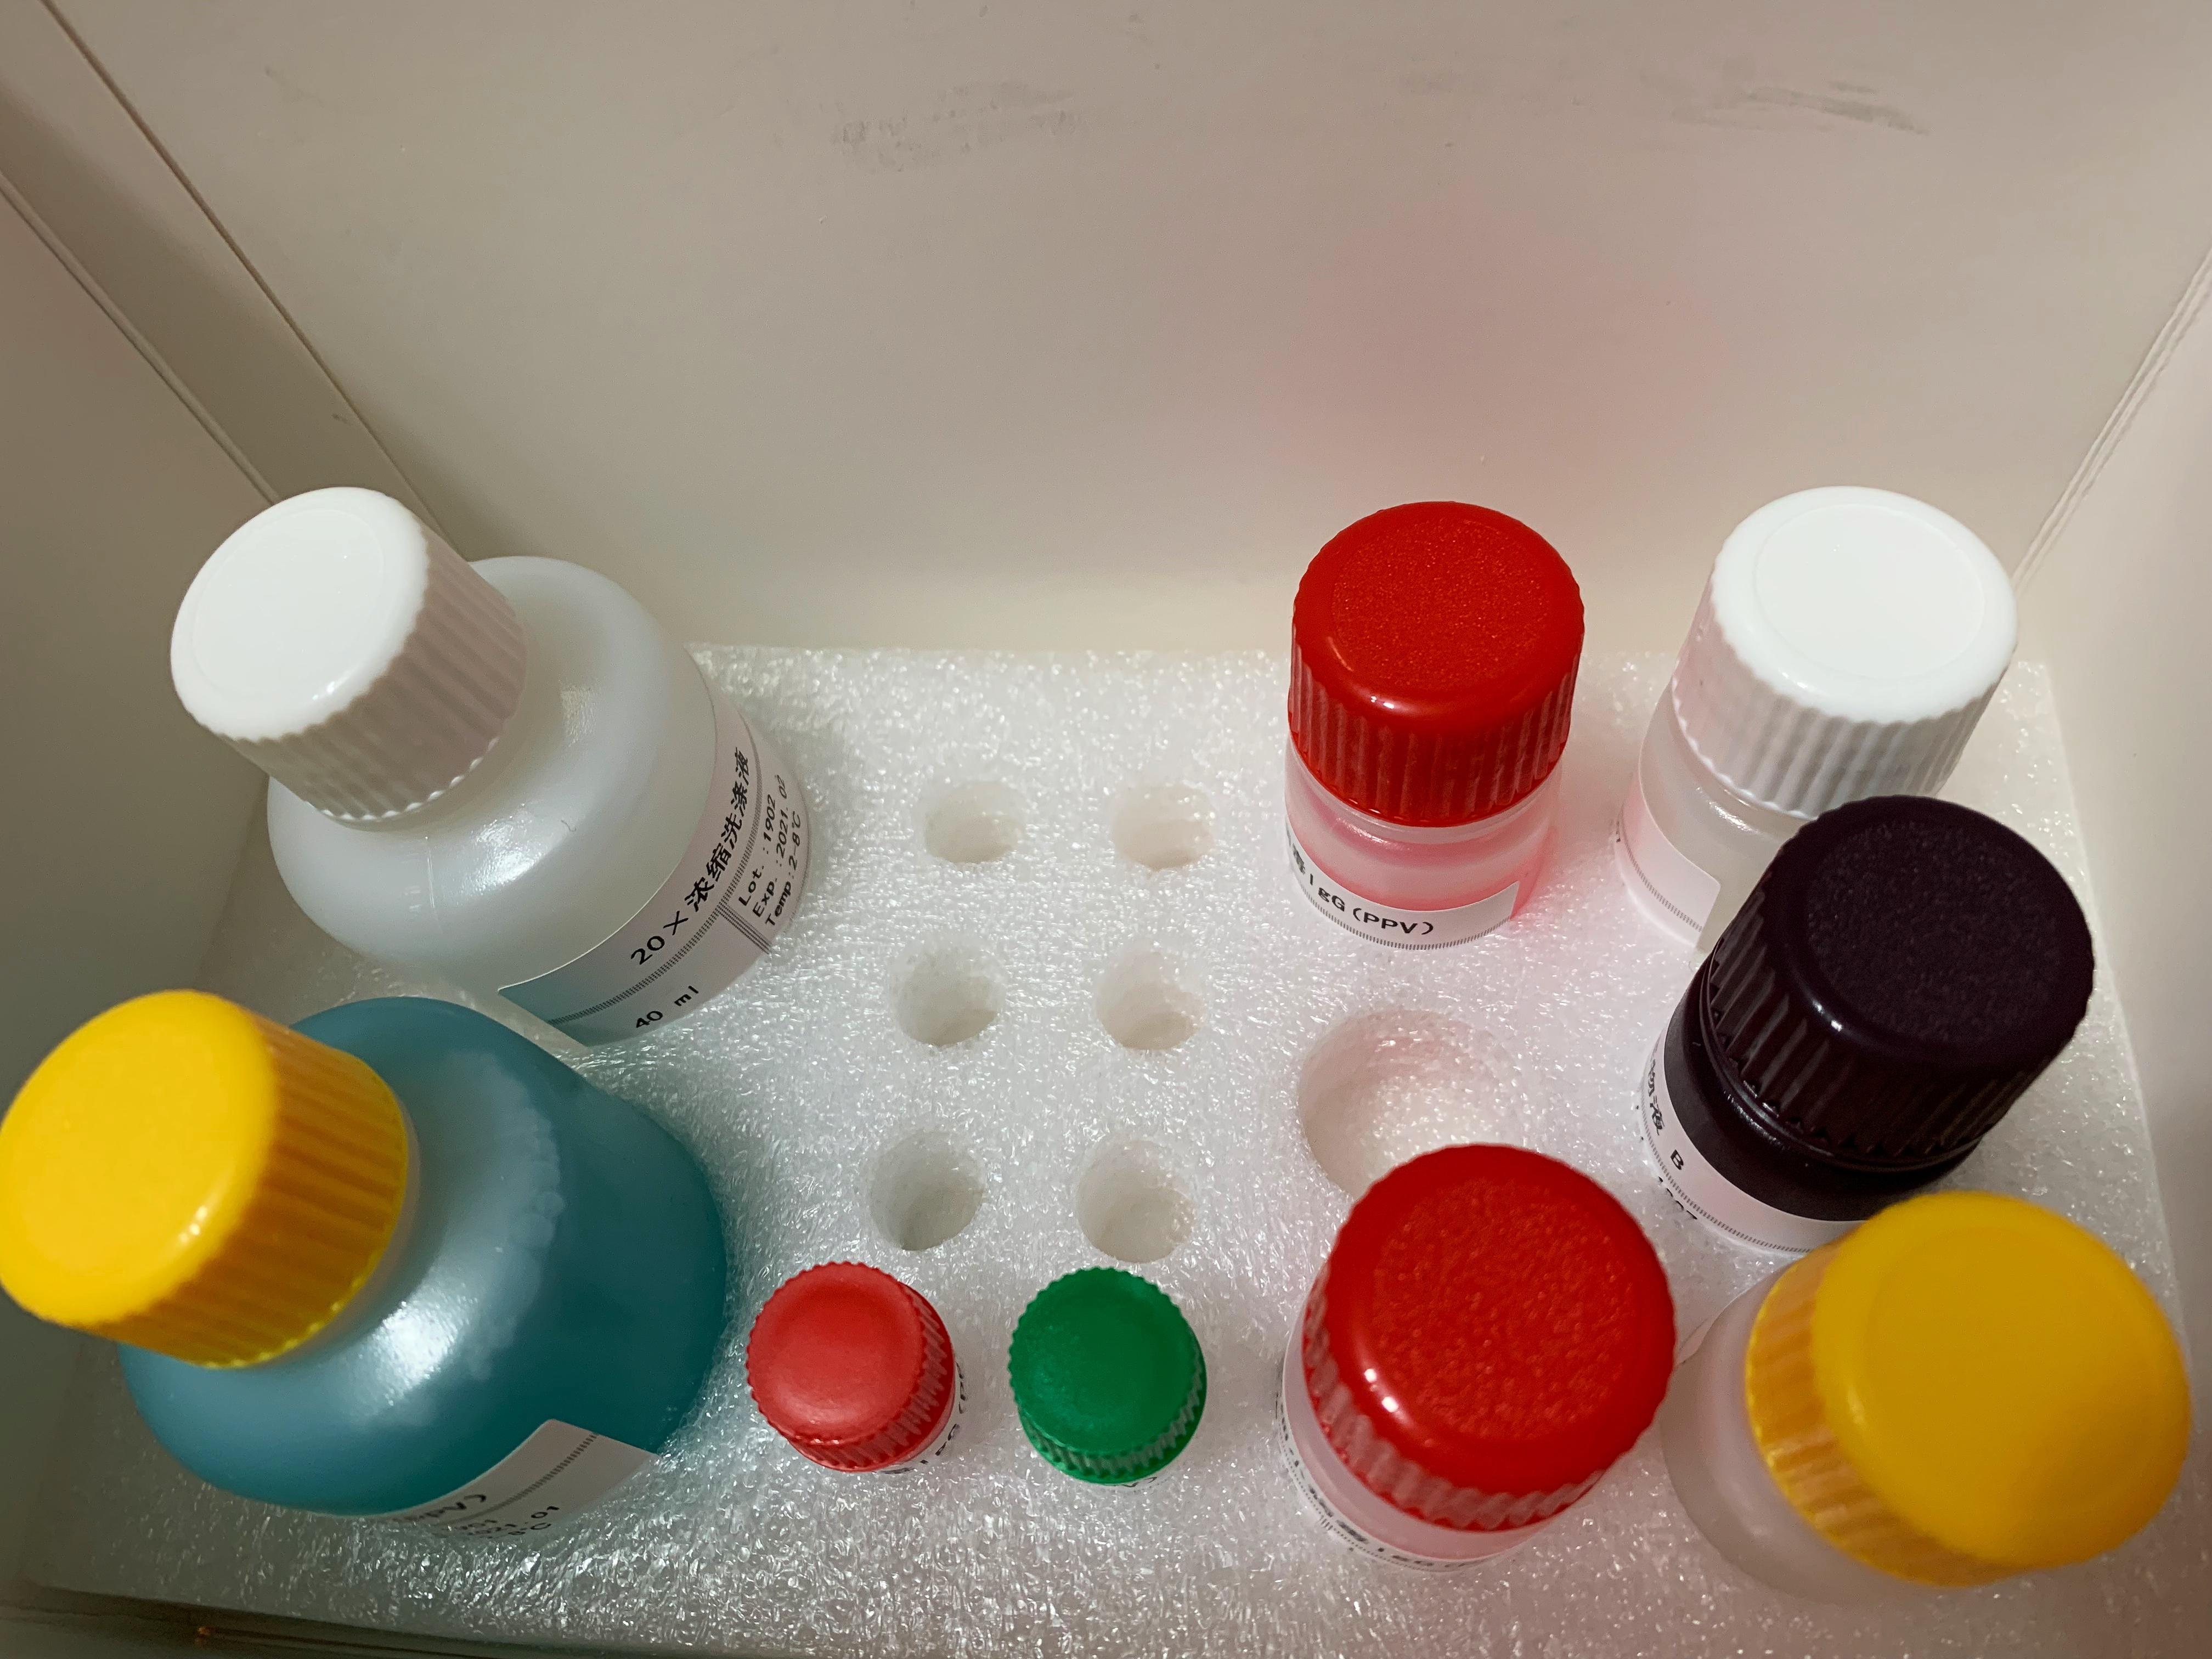 猪细小病毒抗体检测试剂盒(酶联免疫法)